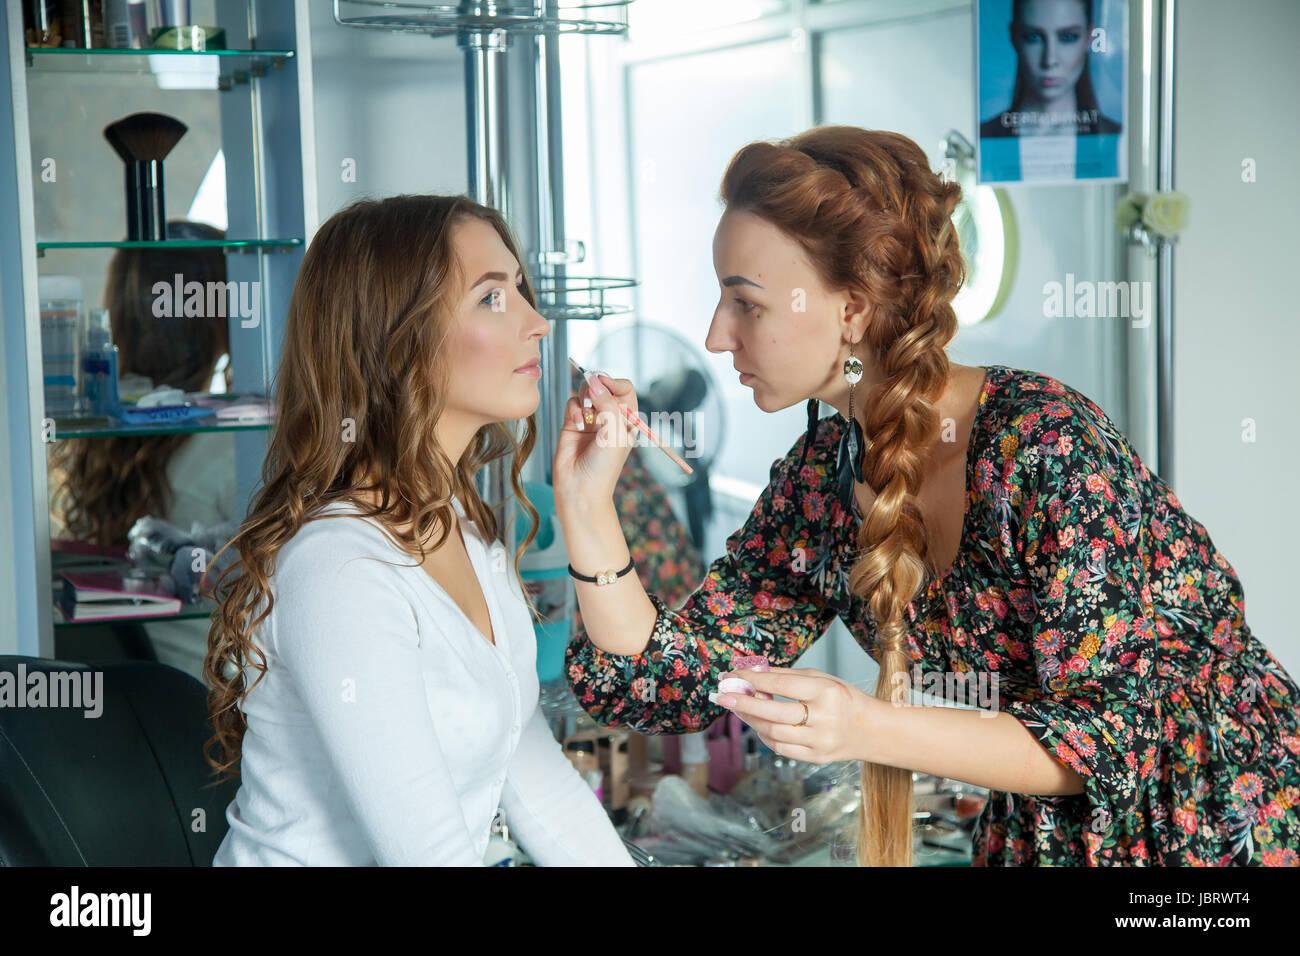 Maquillaje artista hacer un maquillaje profesional Imagen De Stock